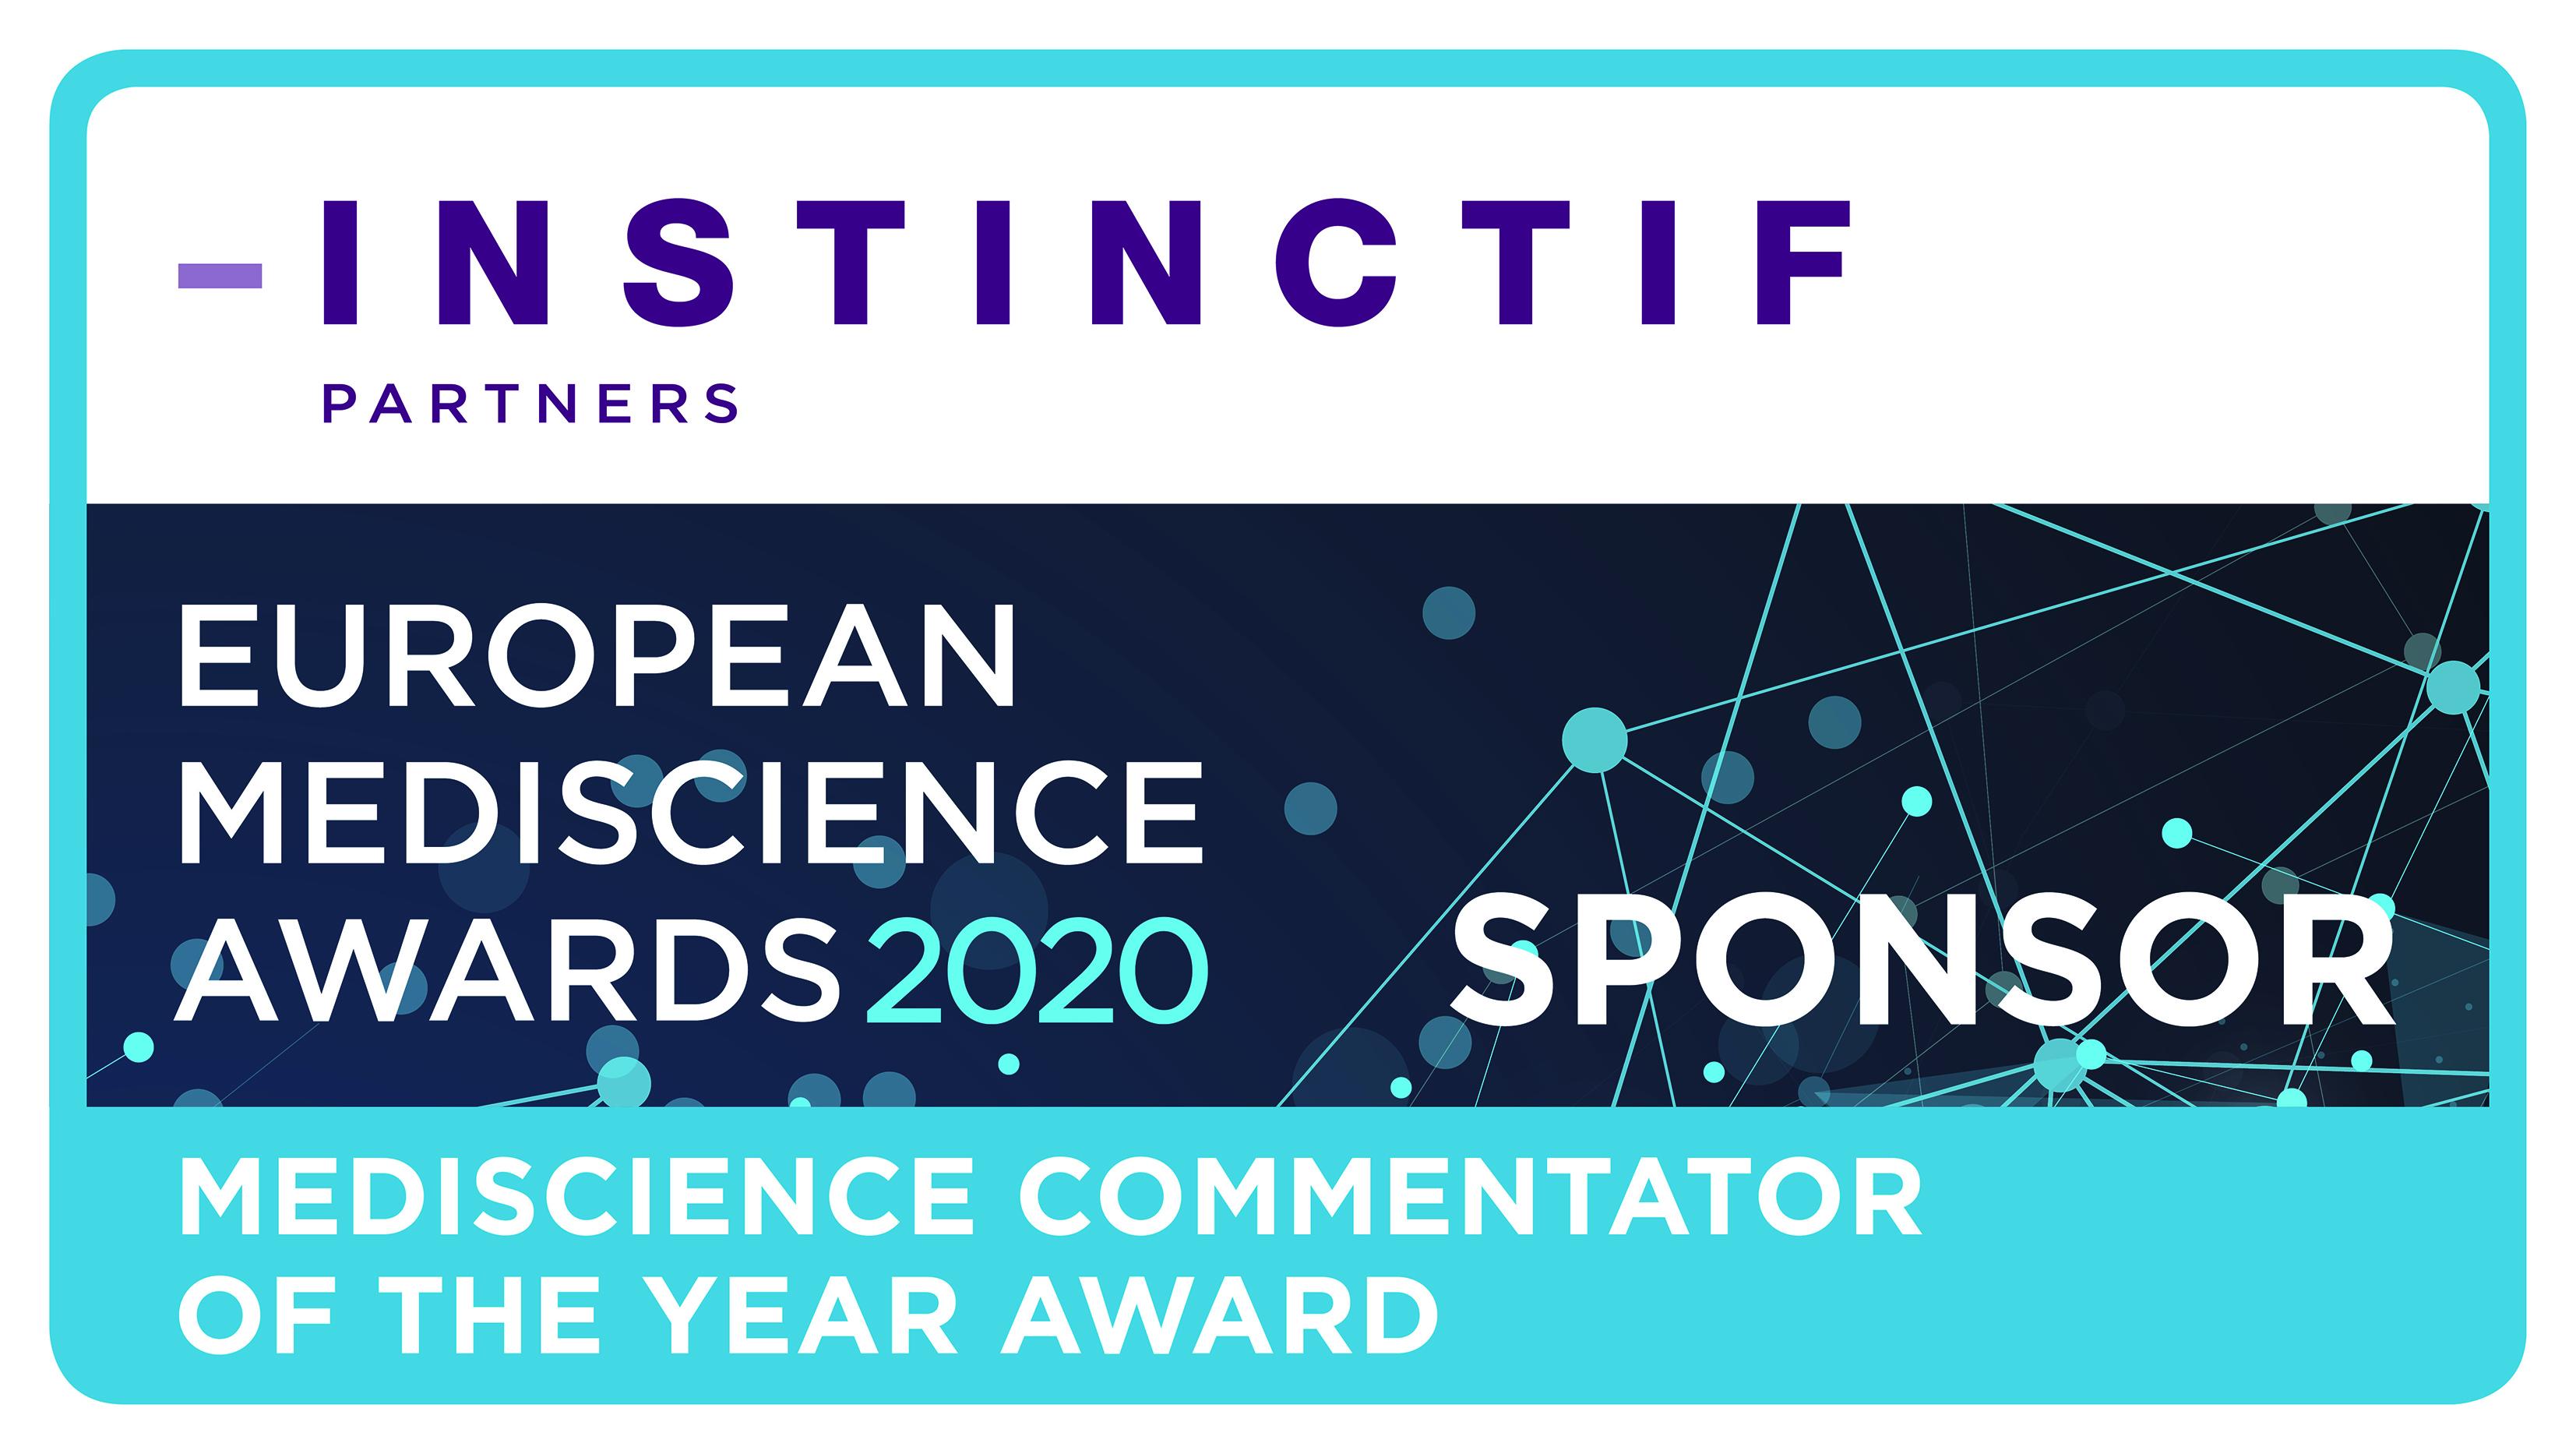 European Mediscience Awards 2020